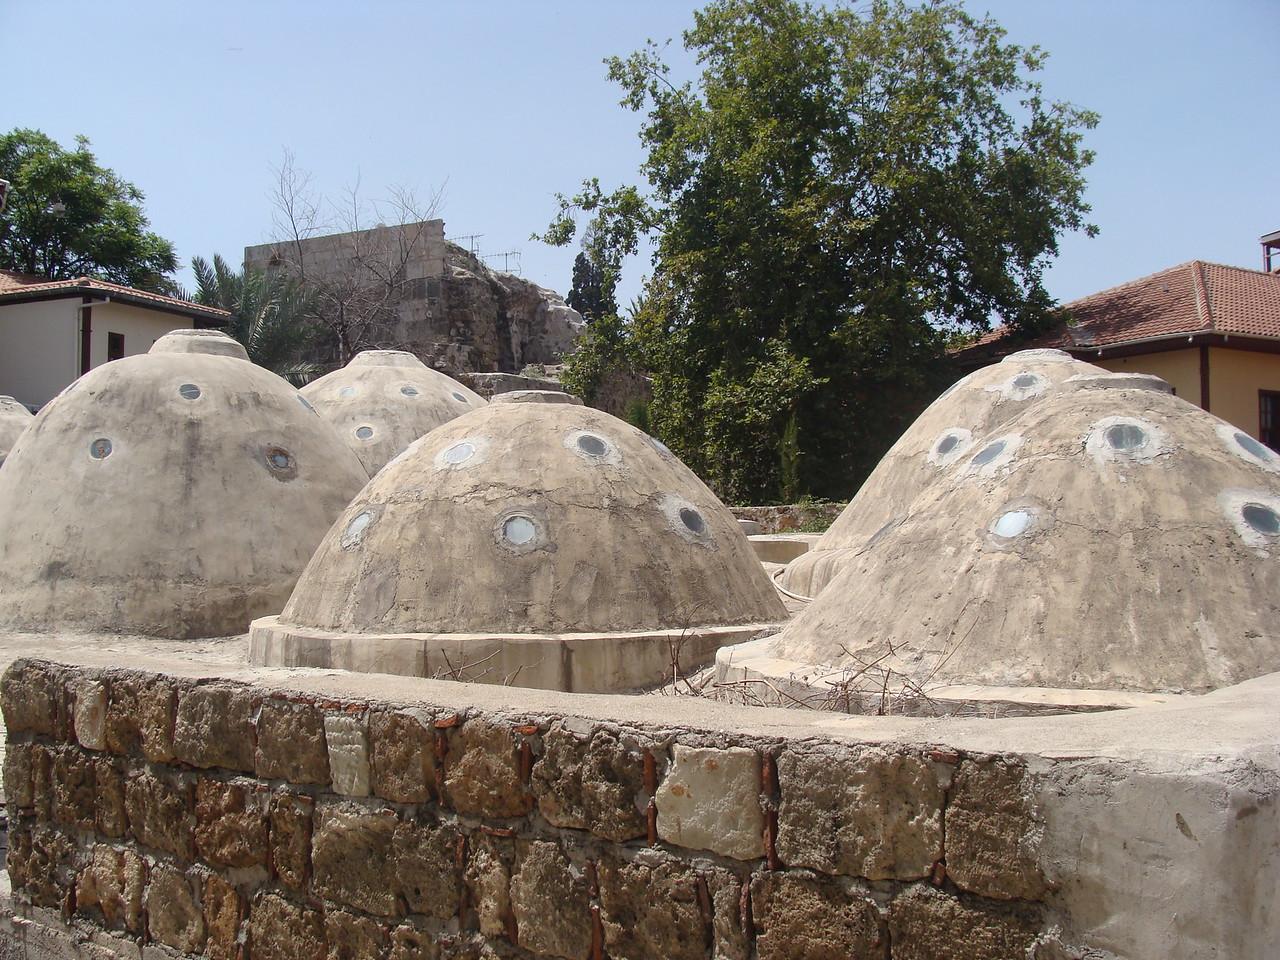 Turkish Bath Rooftops